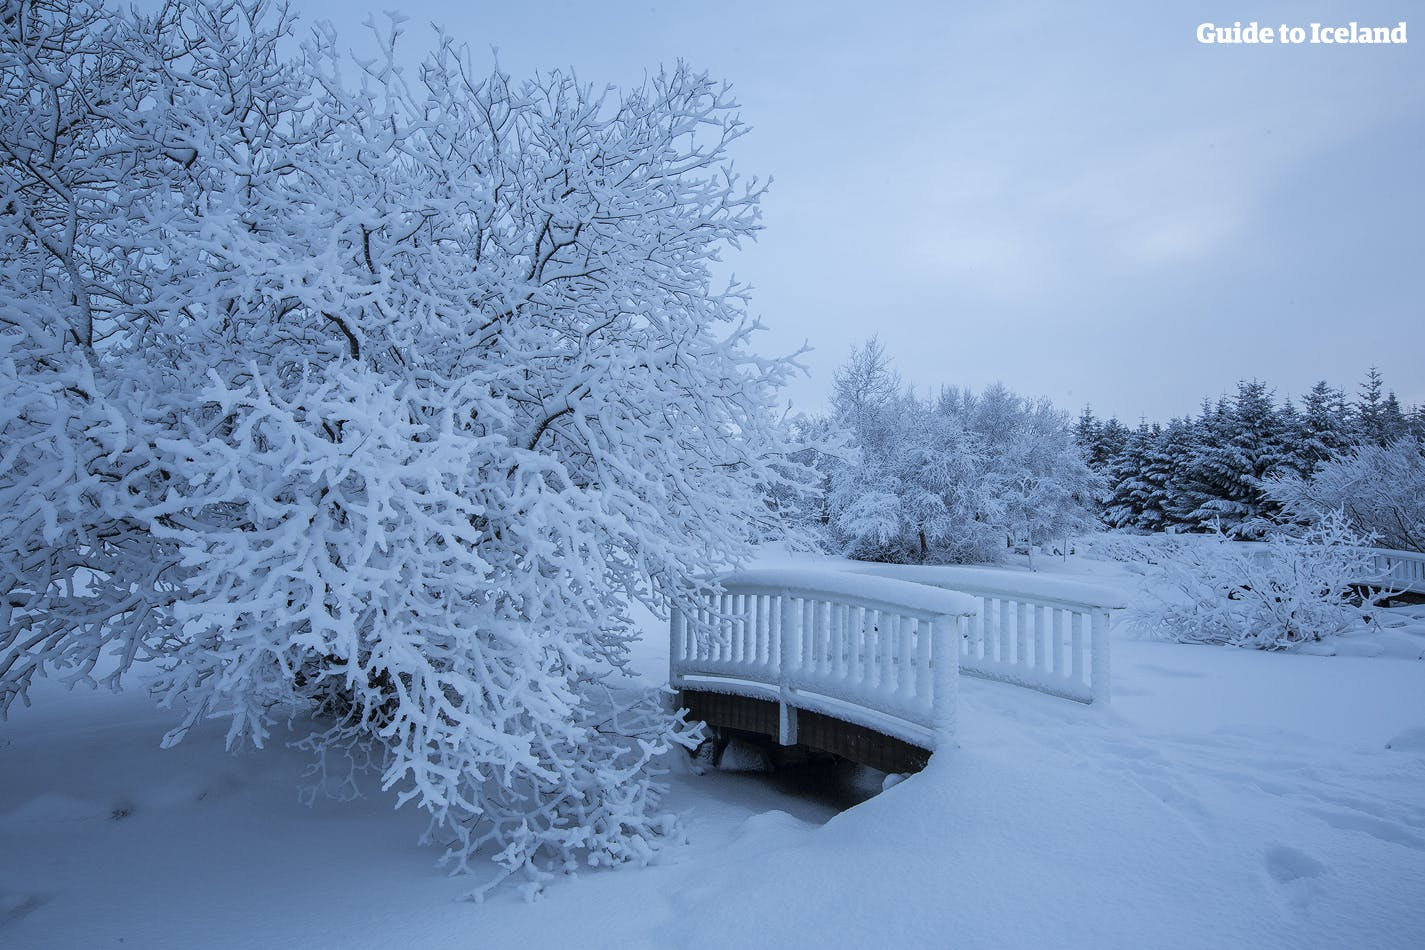 Der Winter legt eine Schneedecke auf die Hauptstadt Reykjavik